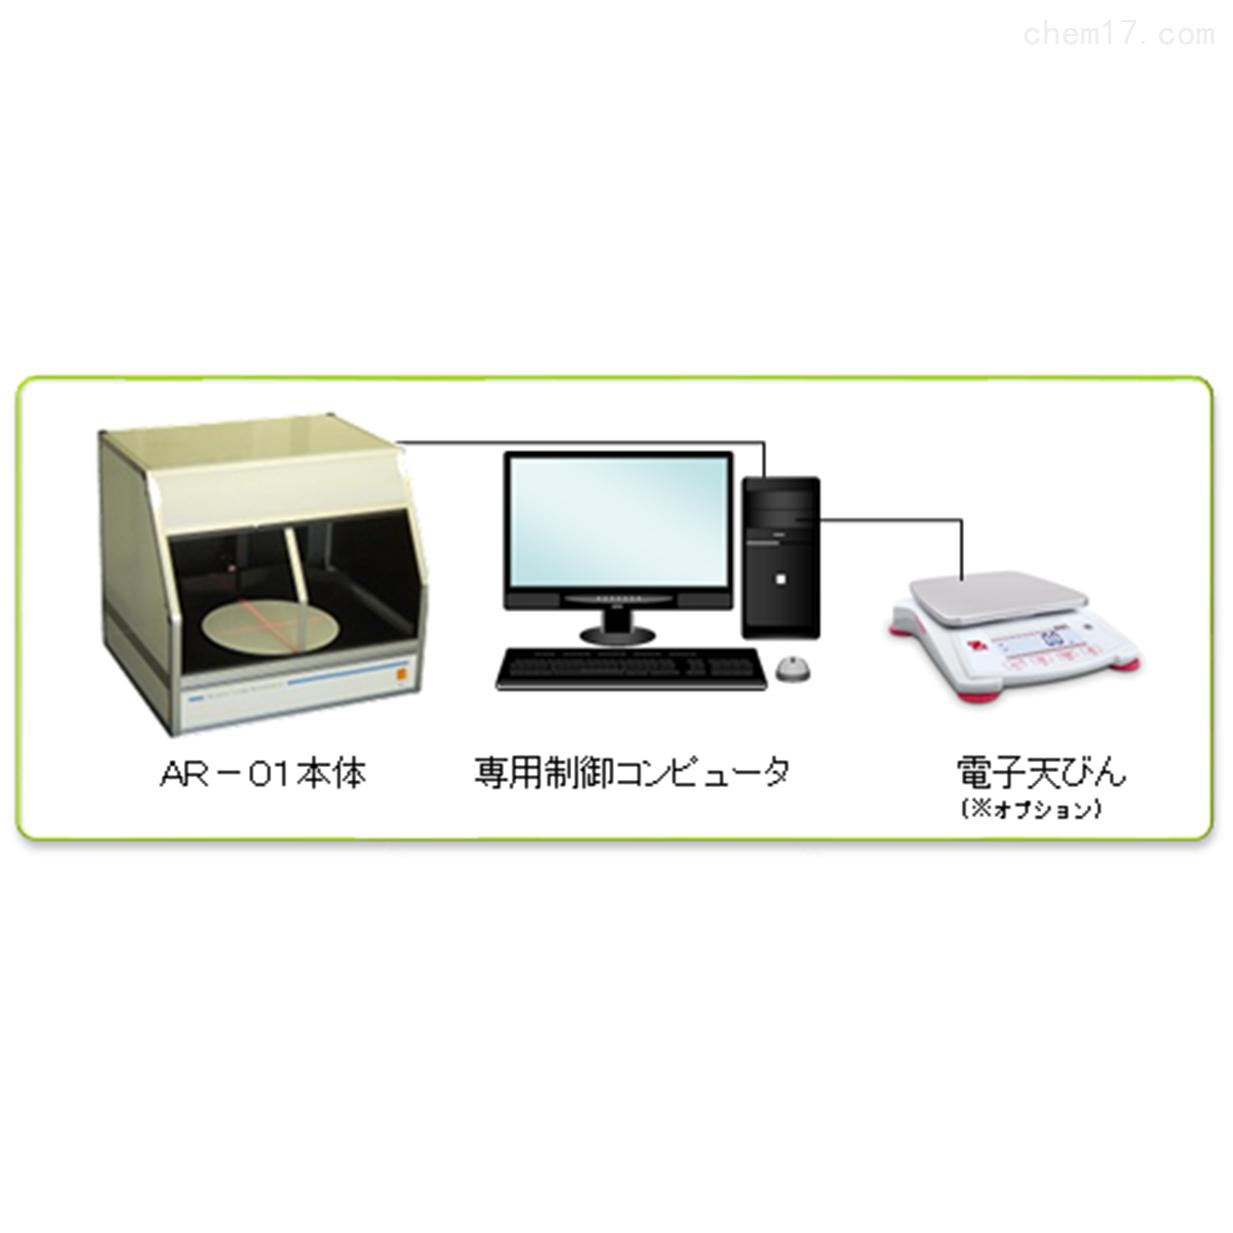 日本k-axis高精度蛋糕激光体积测量仪